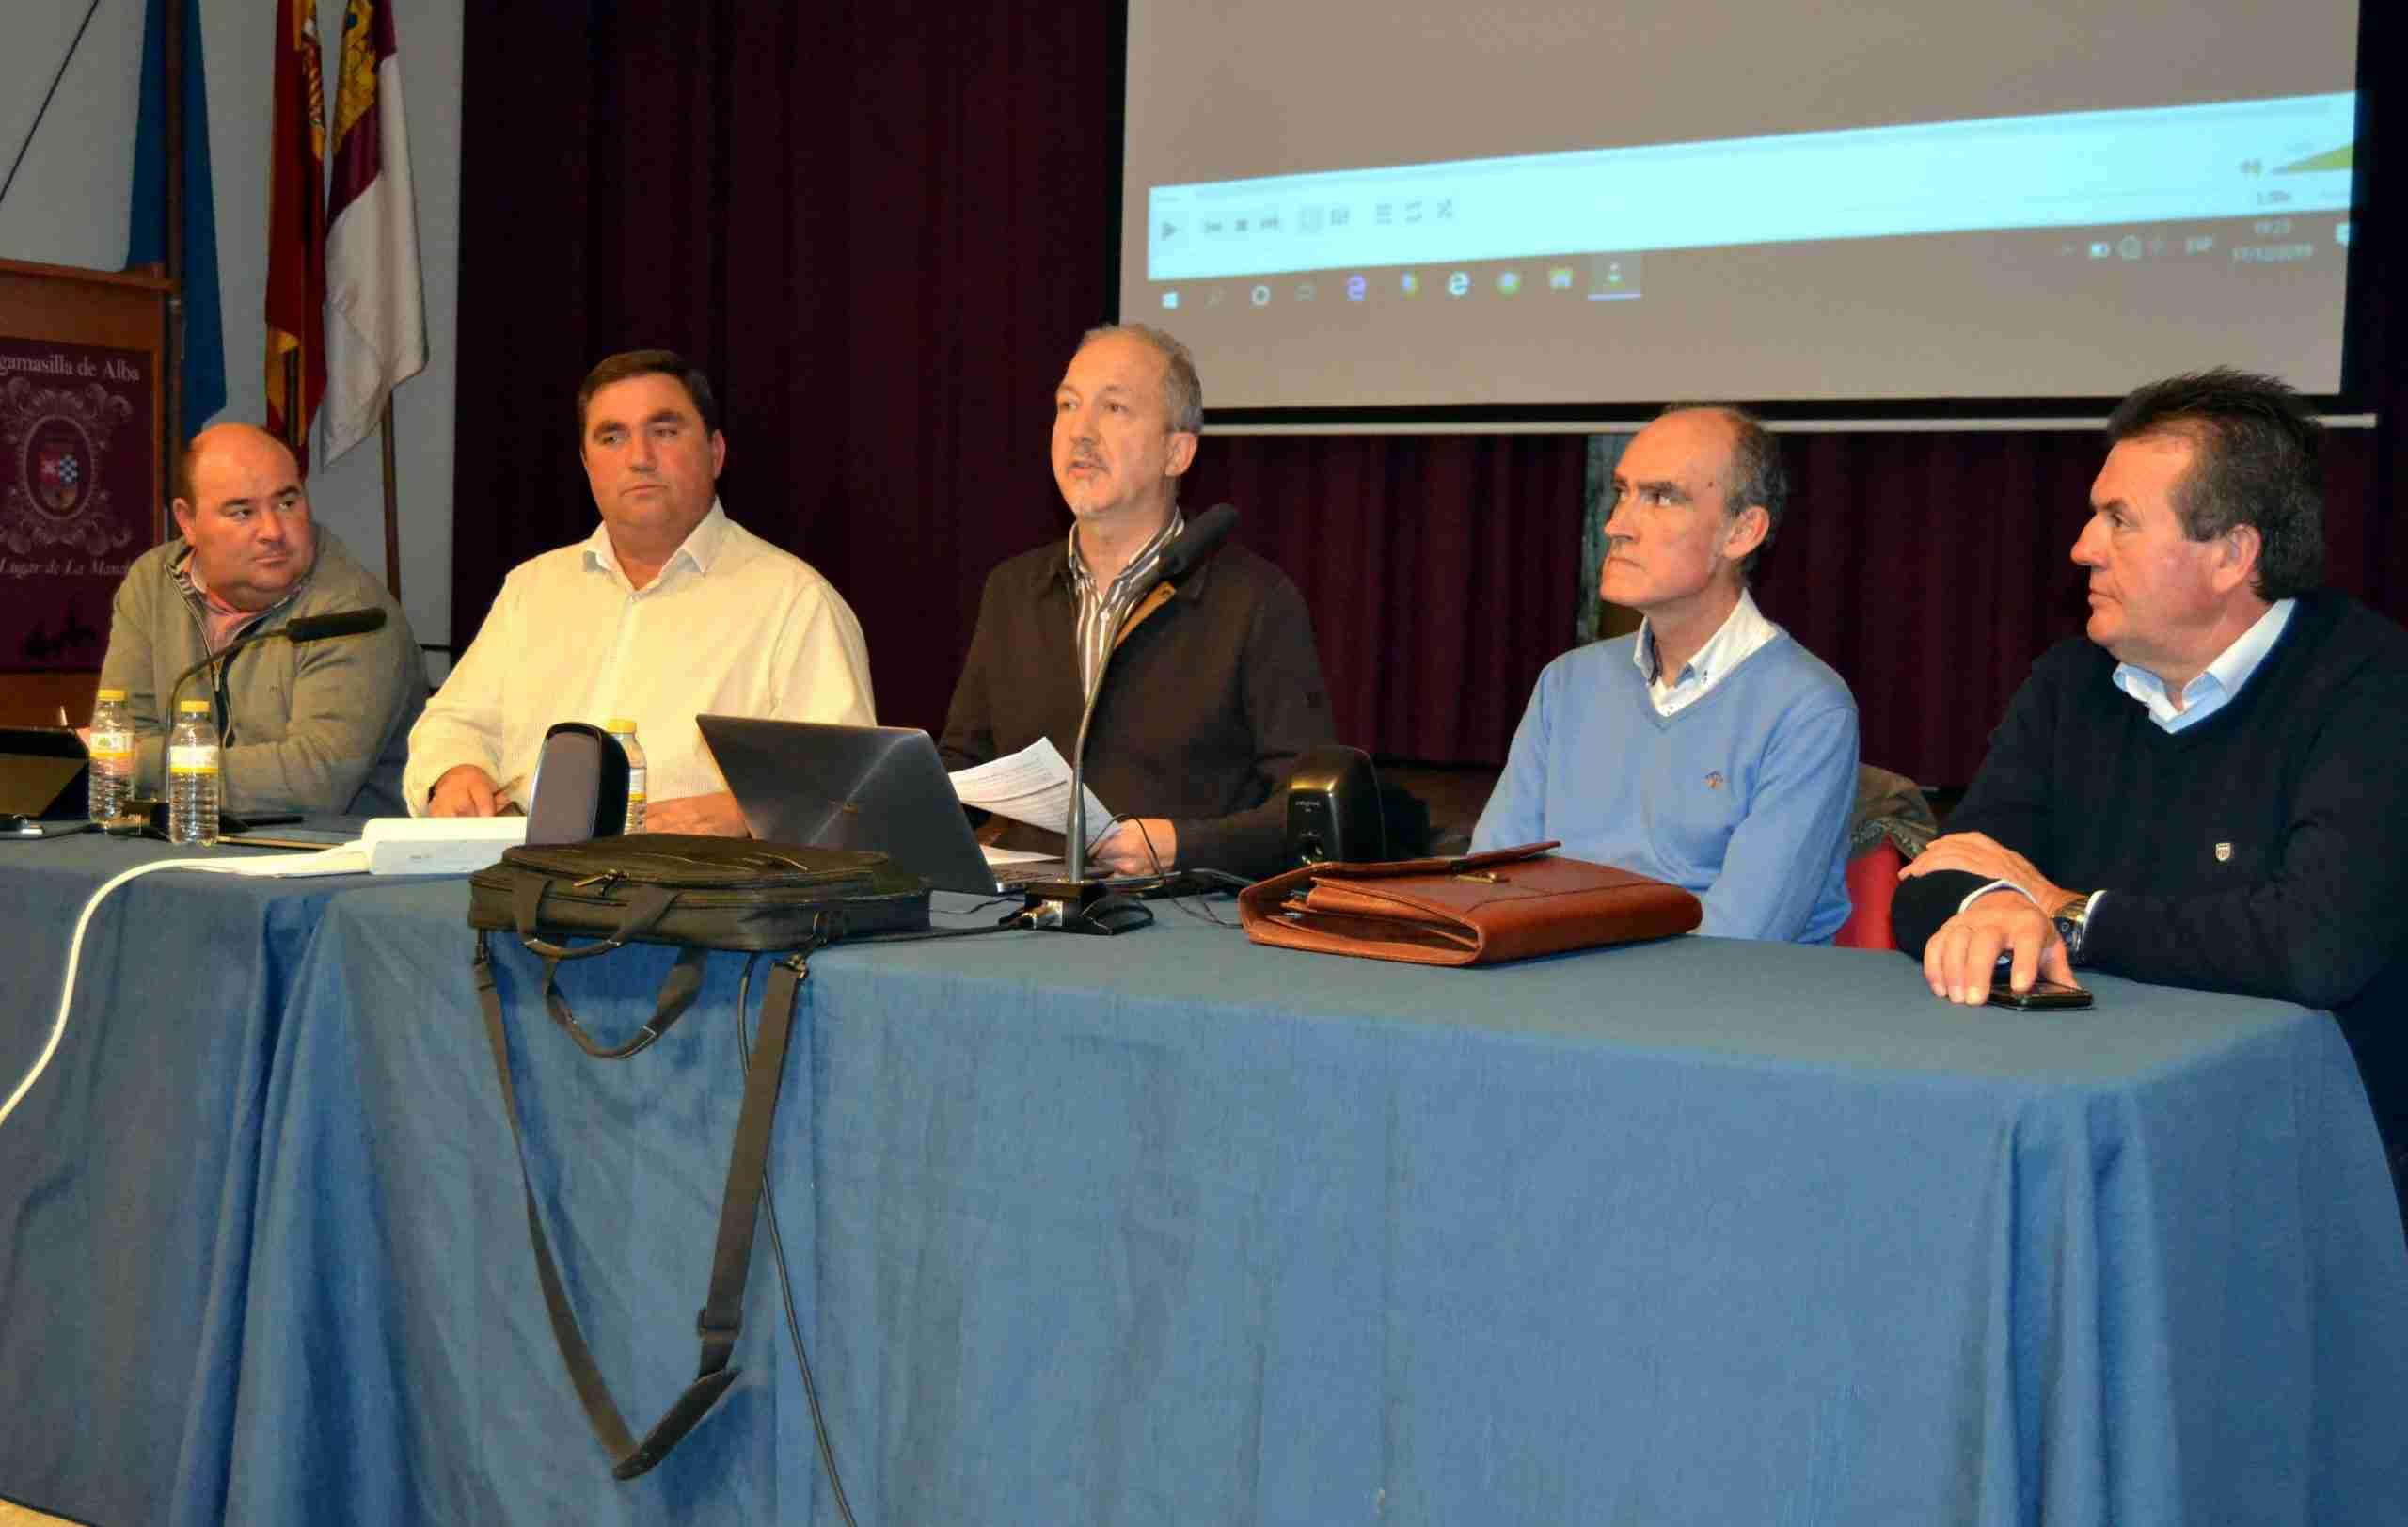 La Asamblea del Alto Guadiana Mancha hace balance de los proyectos tramitados y su estado de ejecución hasta la fecha 10